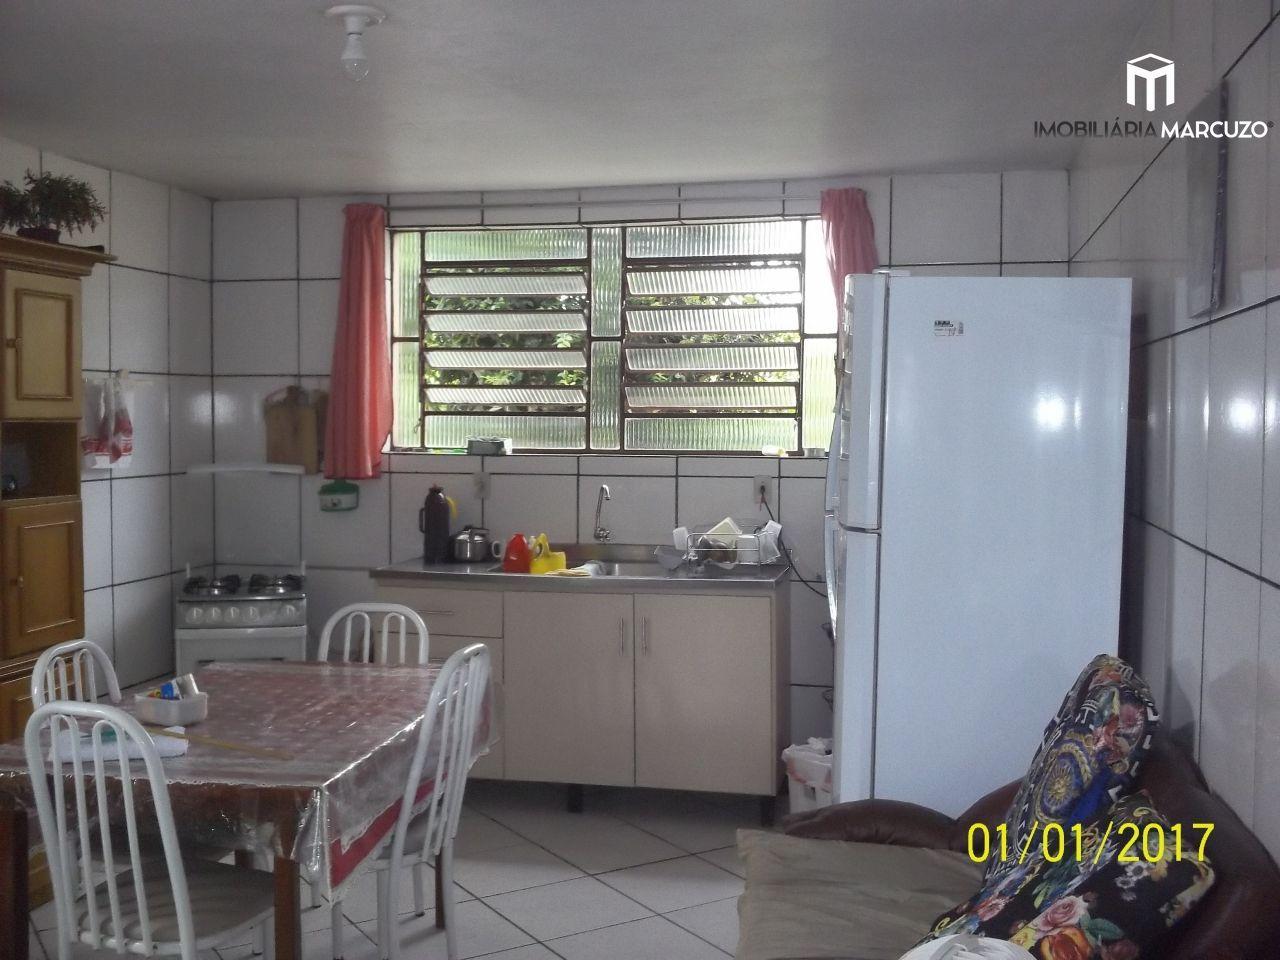 Casa com 2 Dormitórios à venda, 123 m² por R$ 300.000,00